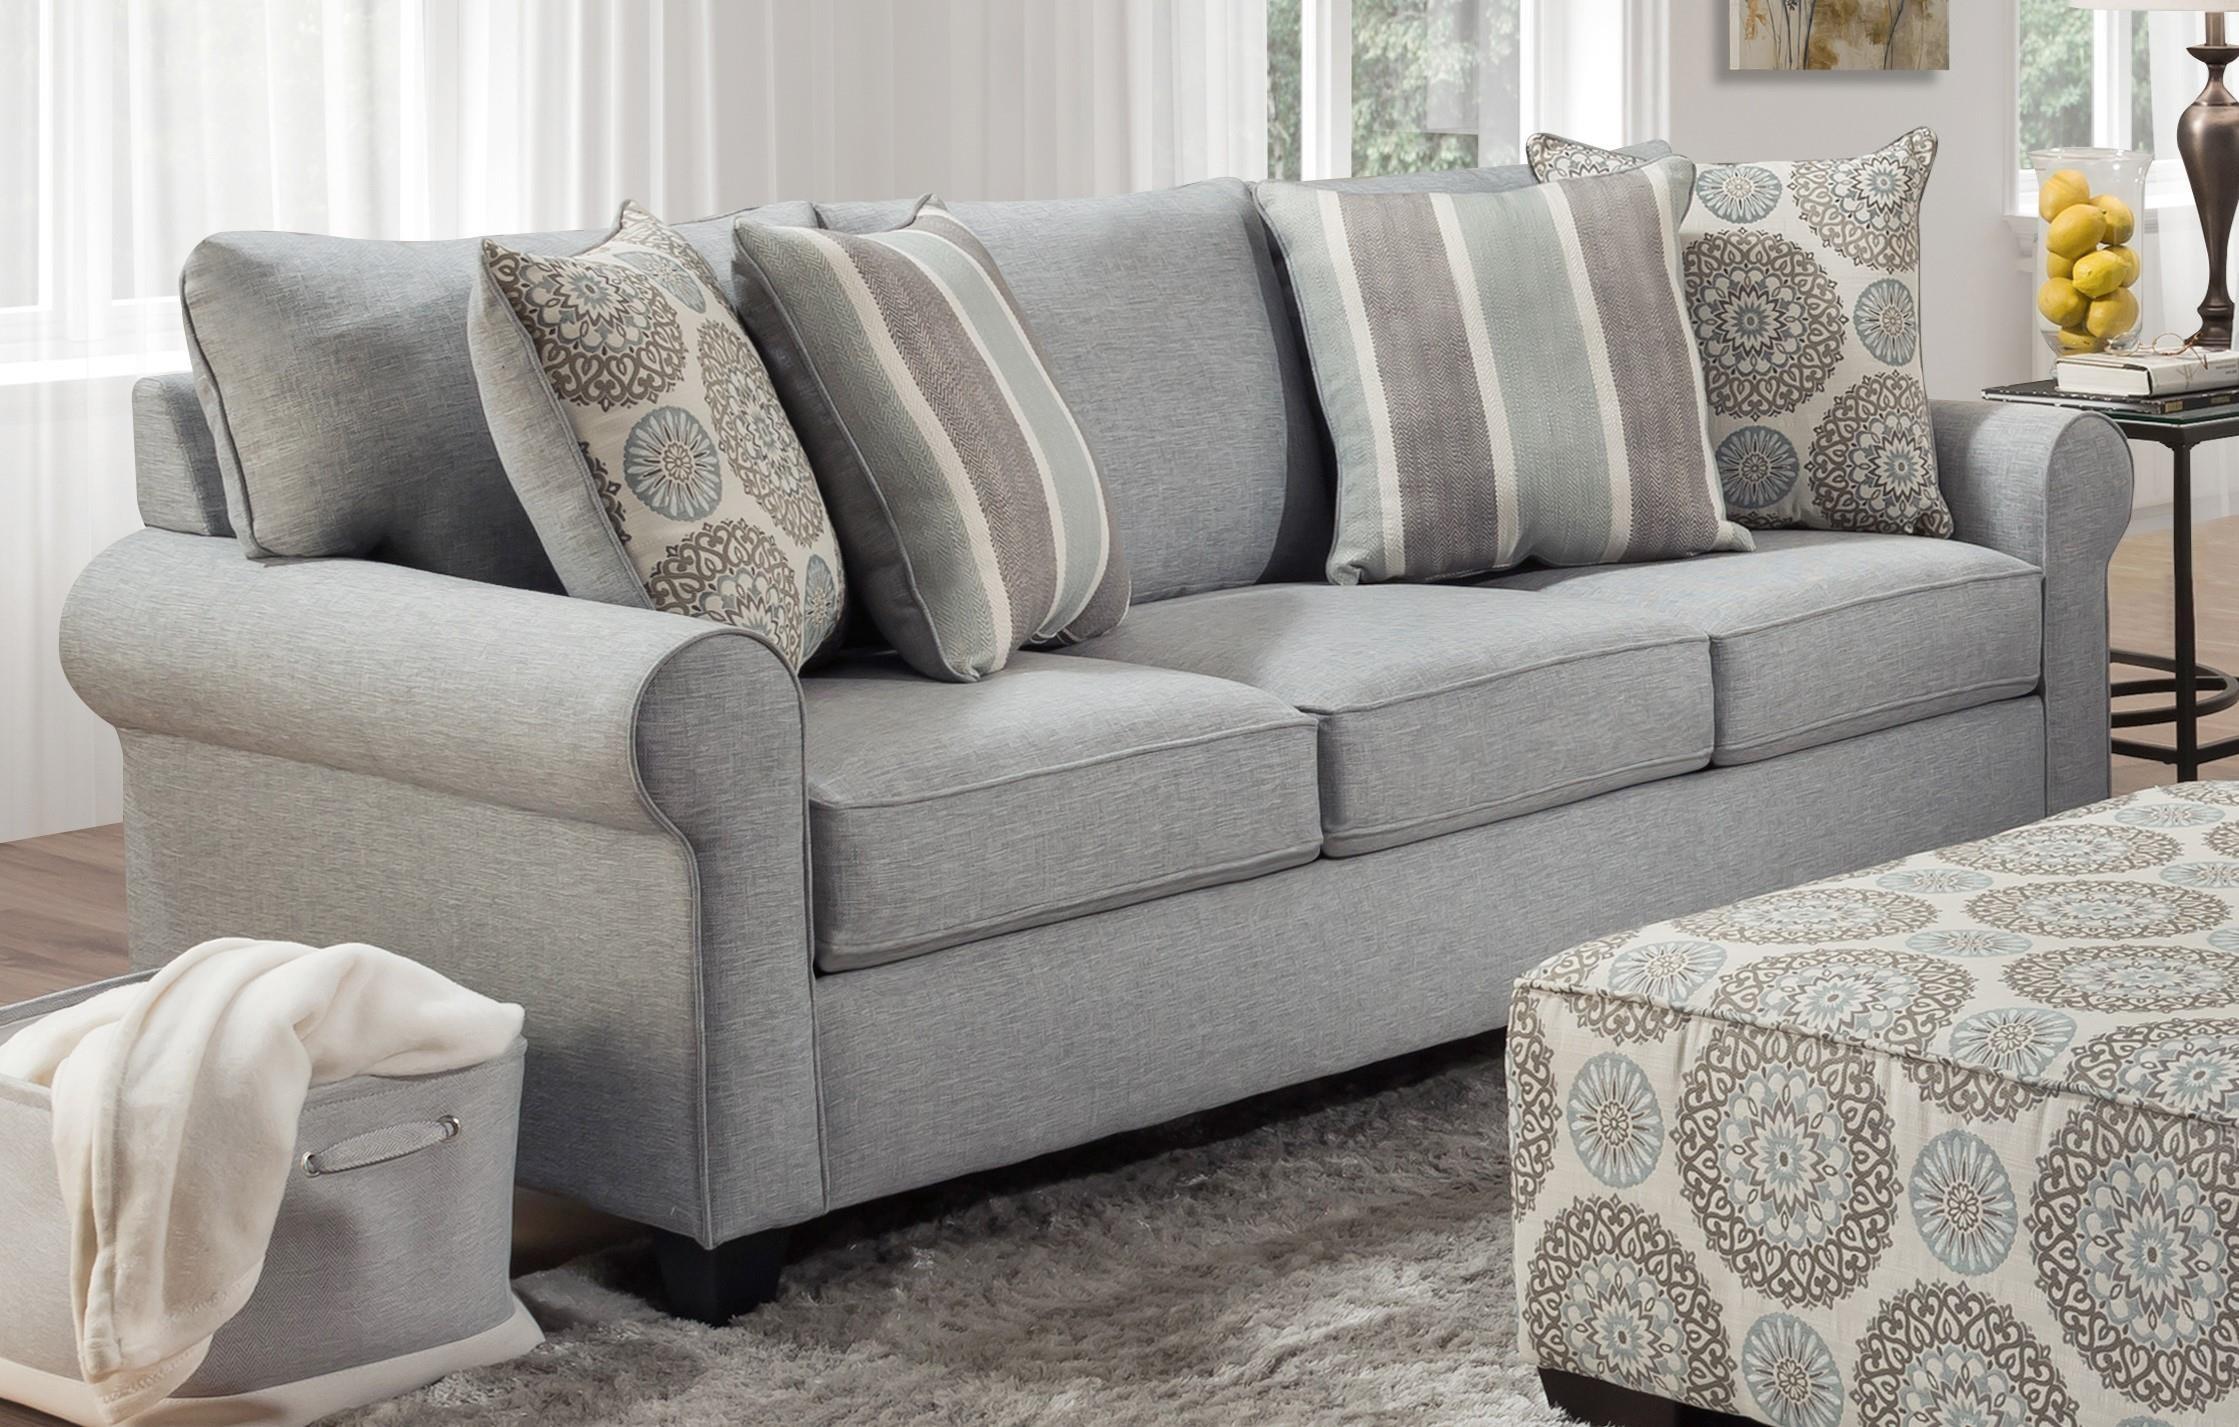 3240 SPA Coastal Spa Sofa by Behold Home at Furniture Fair - North Carolina